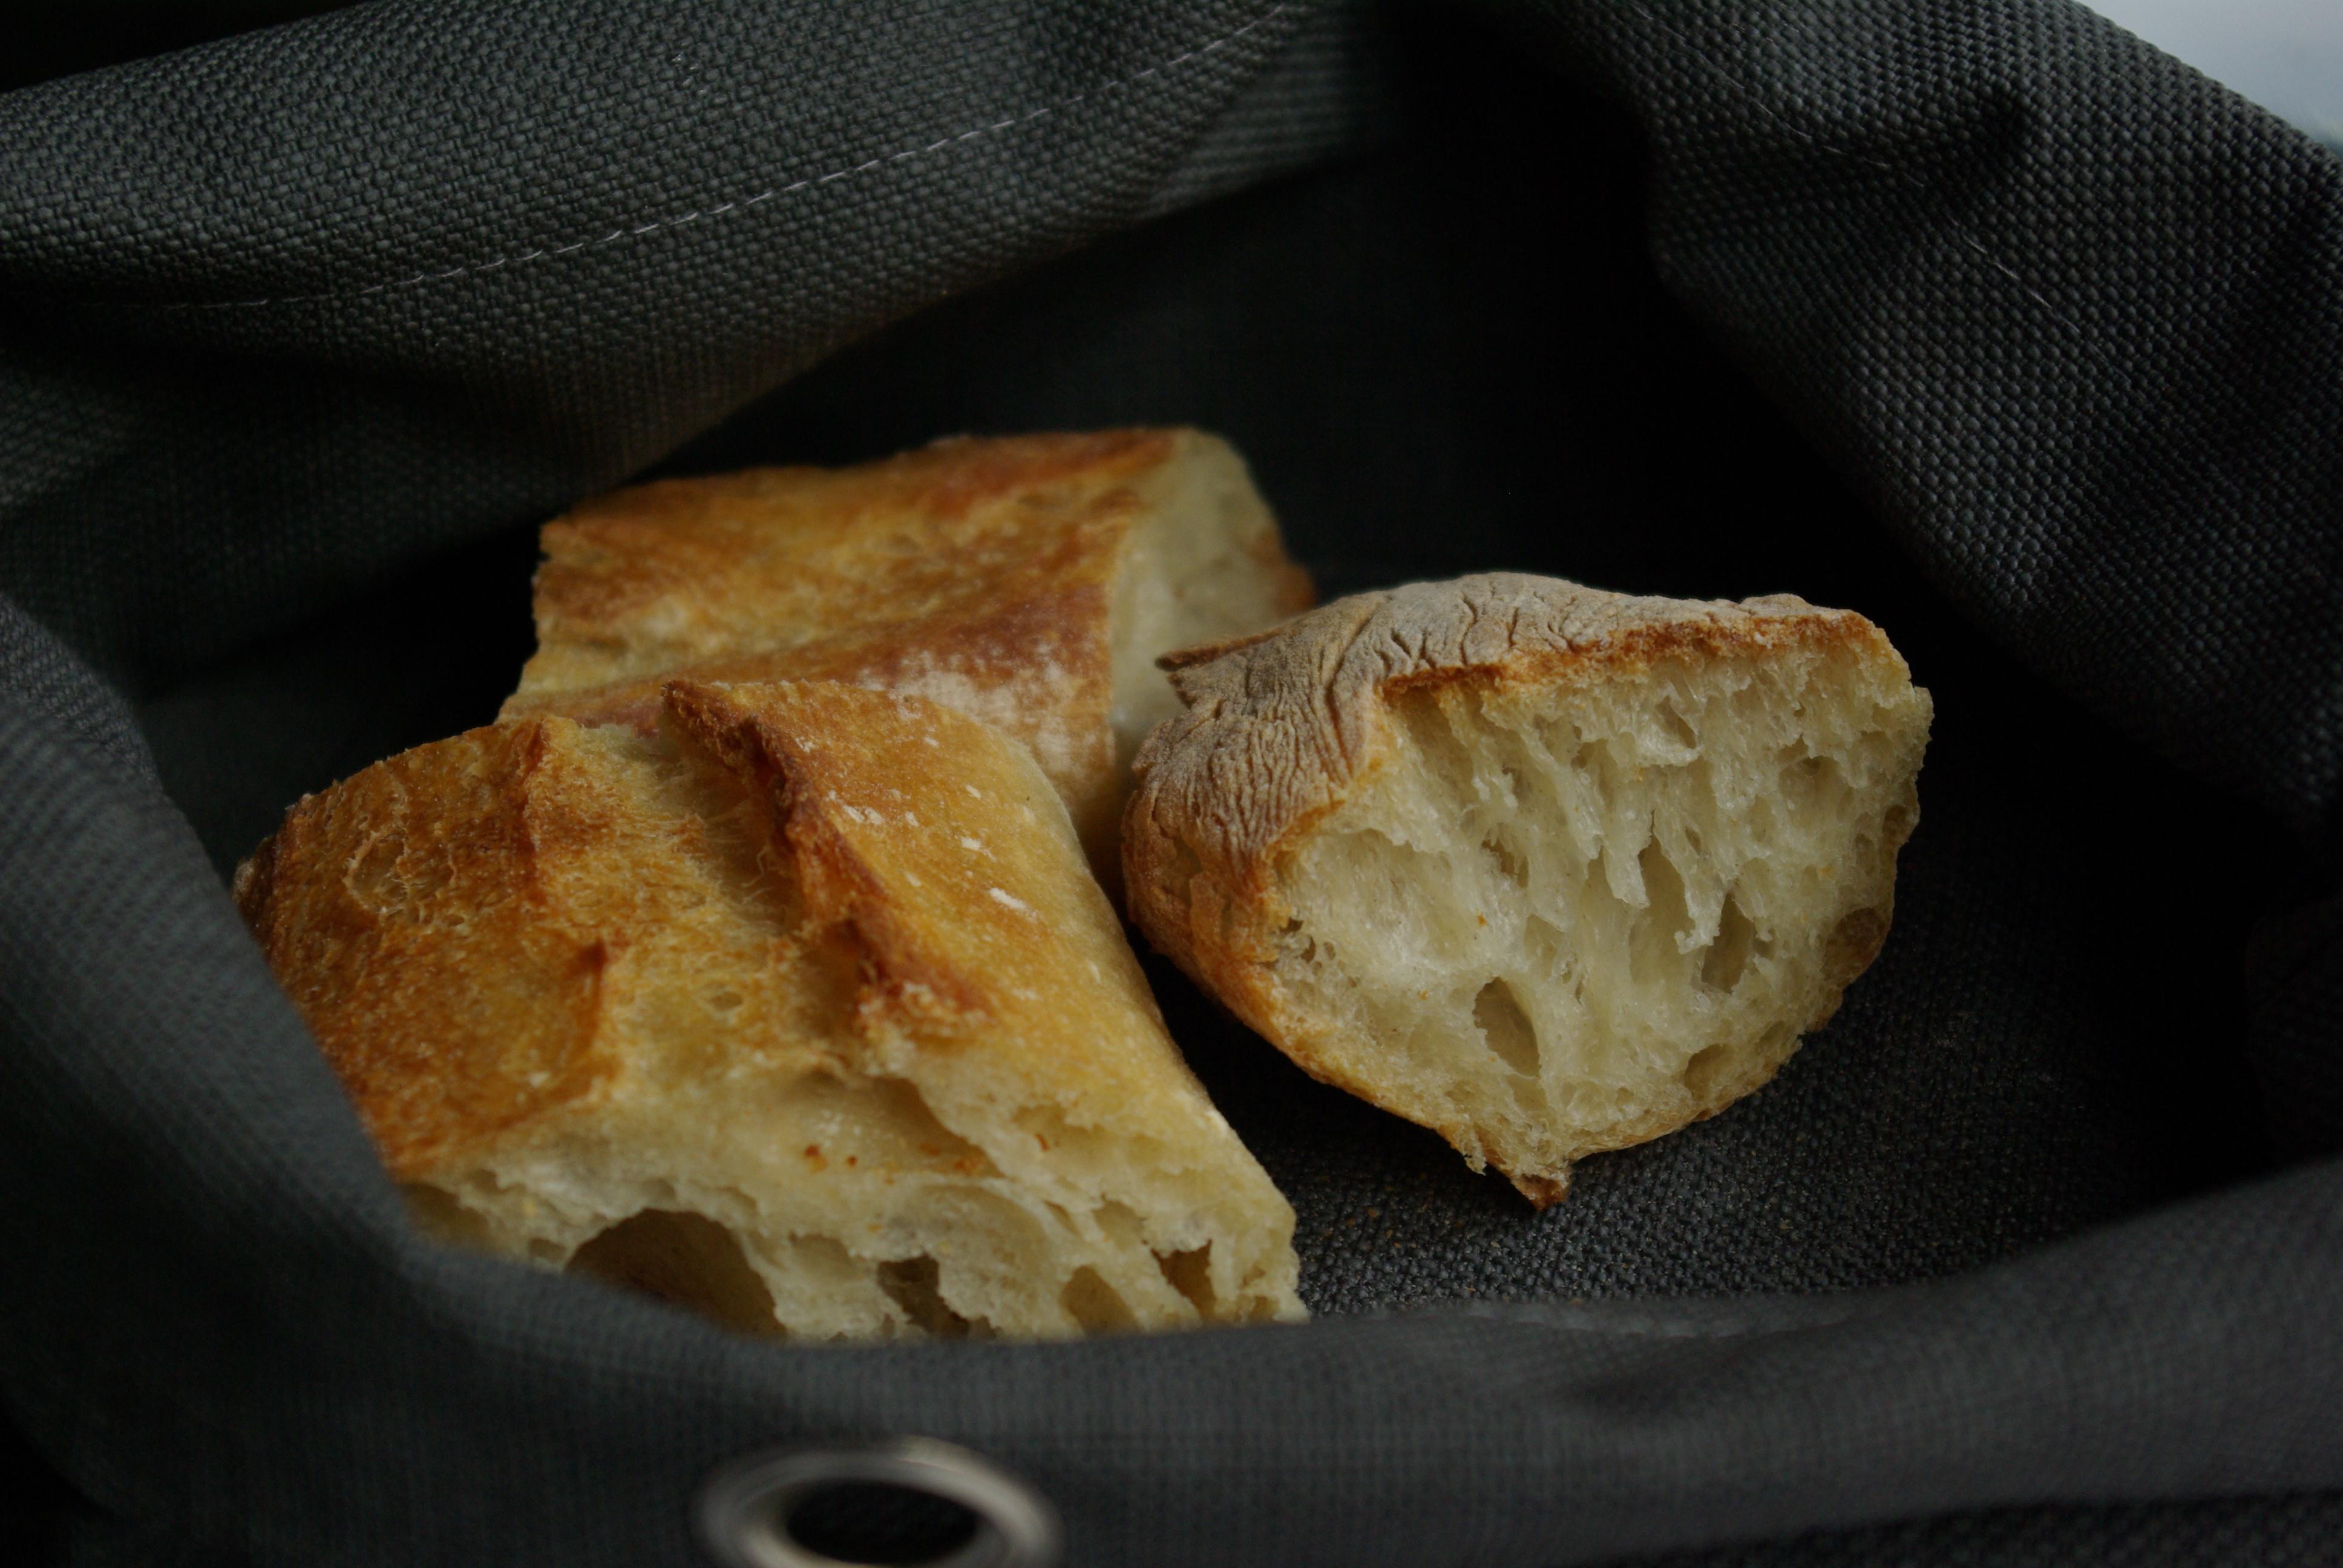 bts restauration | dessous de table - Bts Cuisine En Alternance